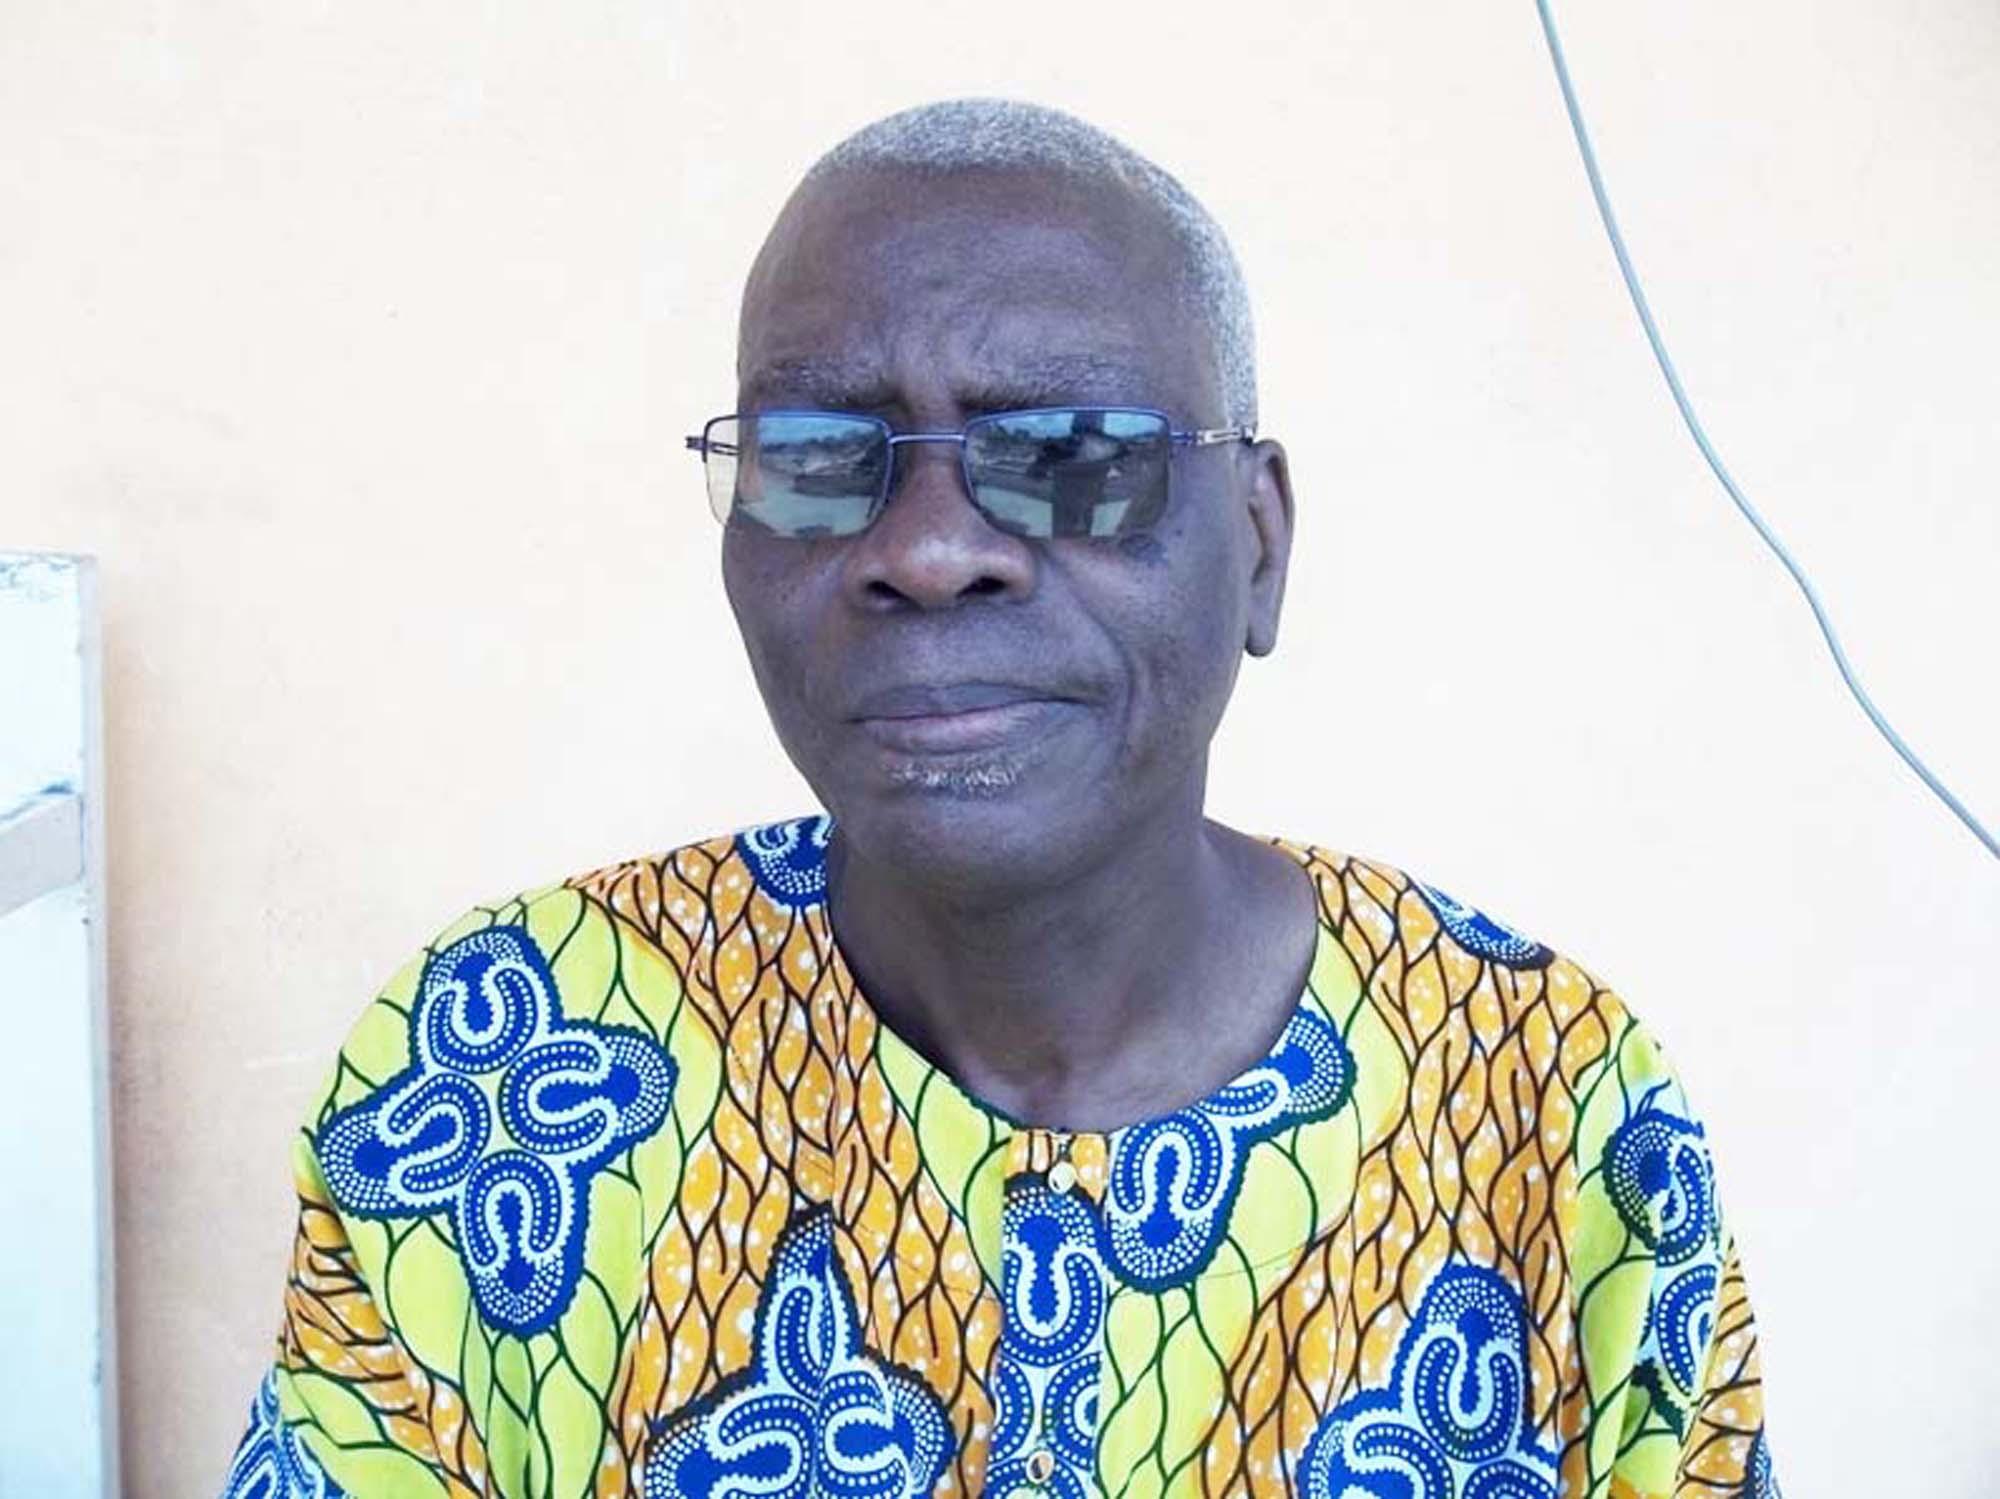 L 39 v nement pr cis entretien avec le g n ral kouyami - Prochaine coupe d afrique des nations ...